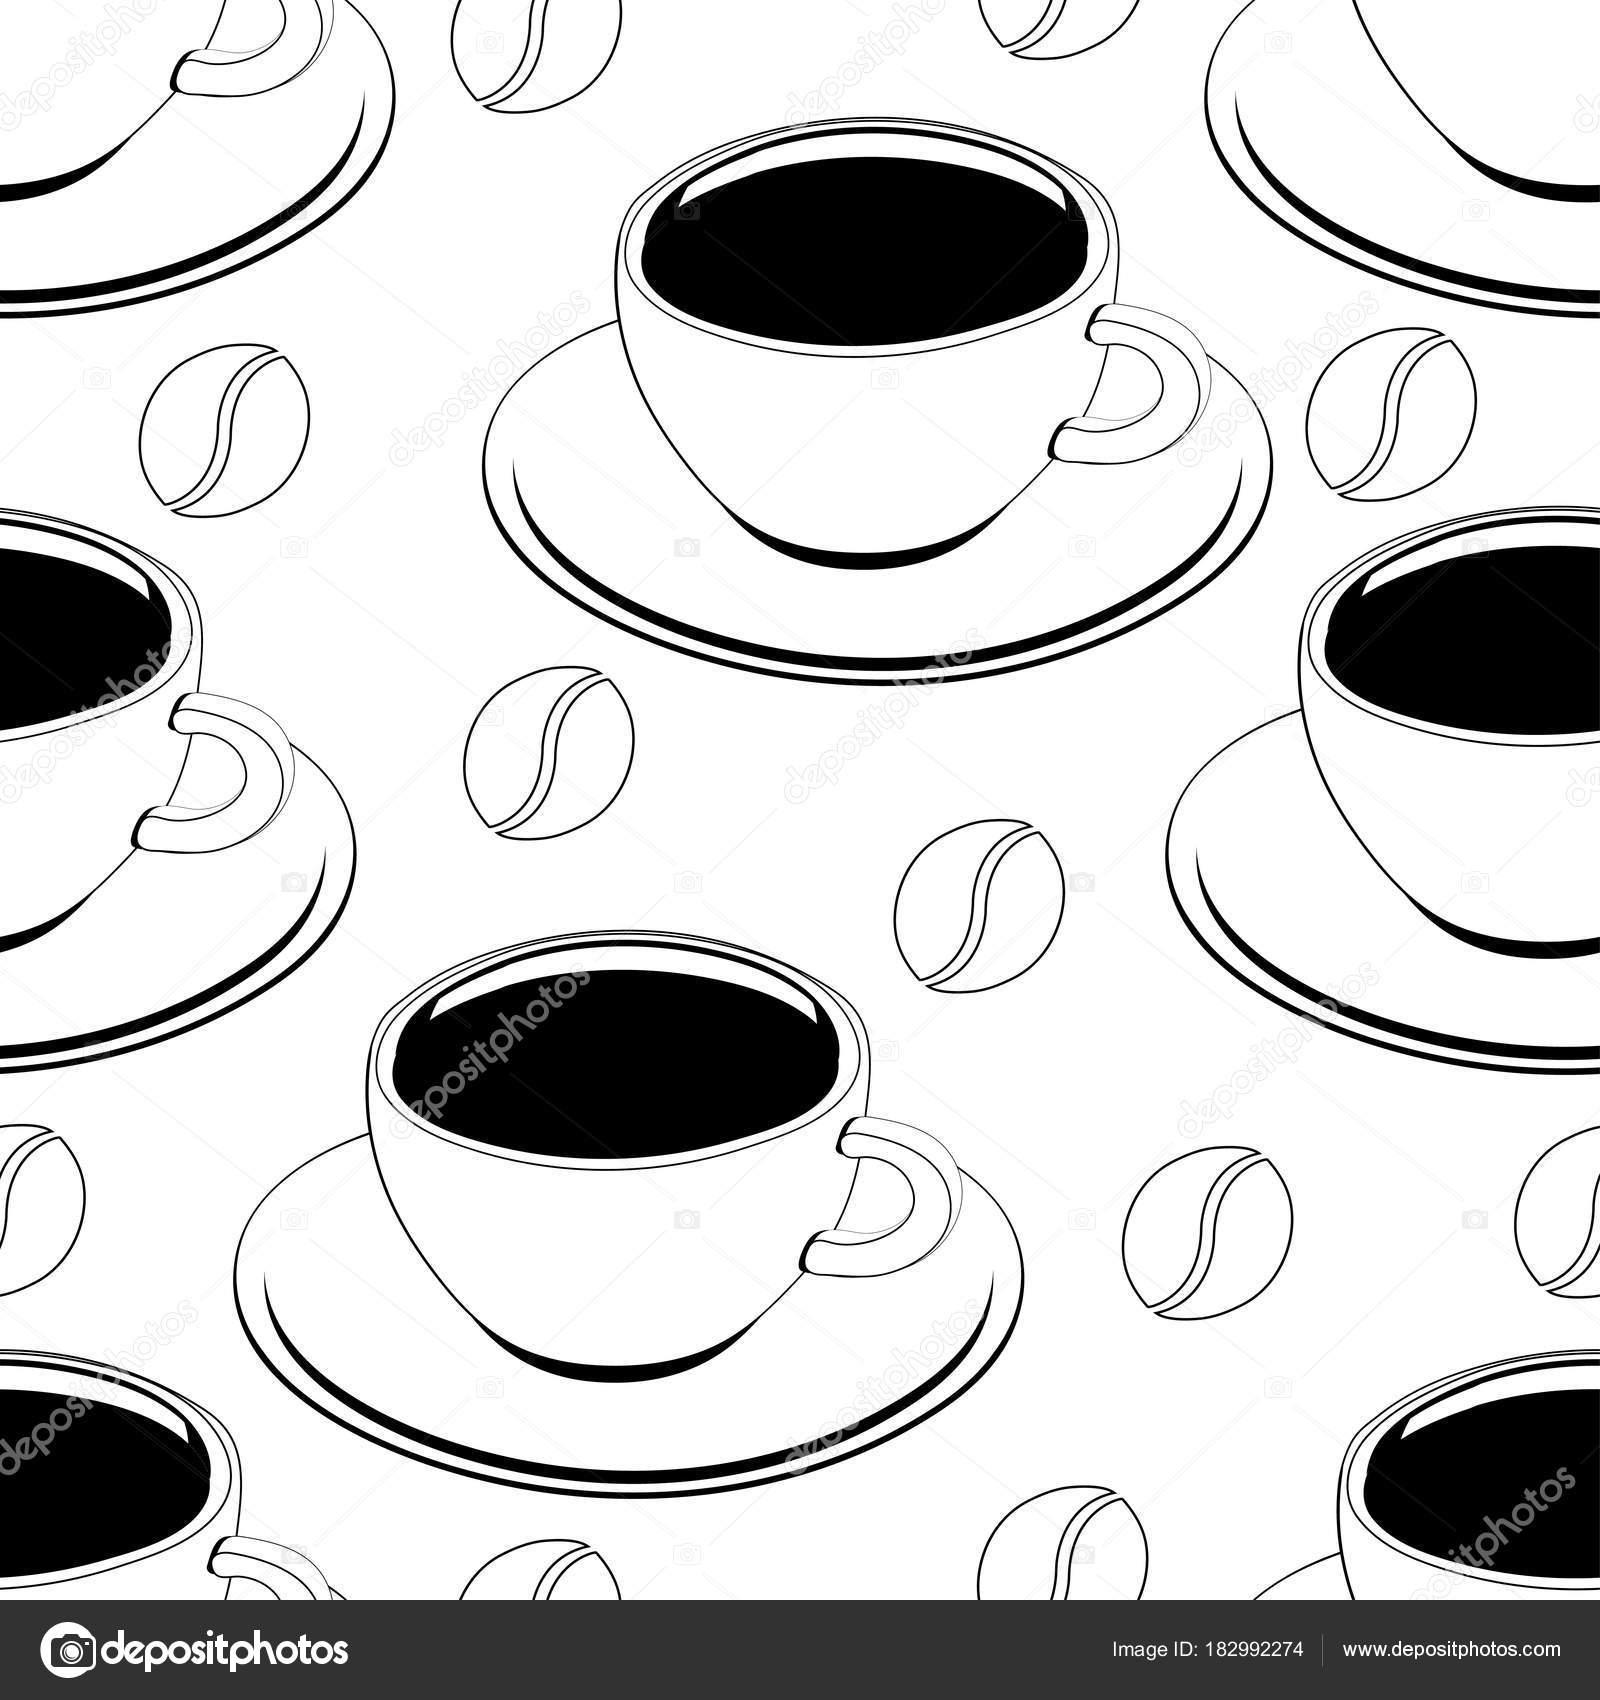 Dibujos Dibujo De Taza De Cafe Para Colorear Taza De Café